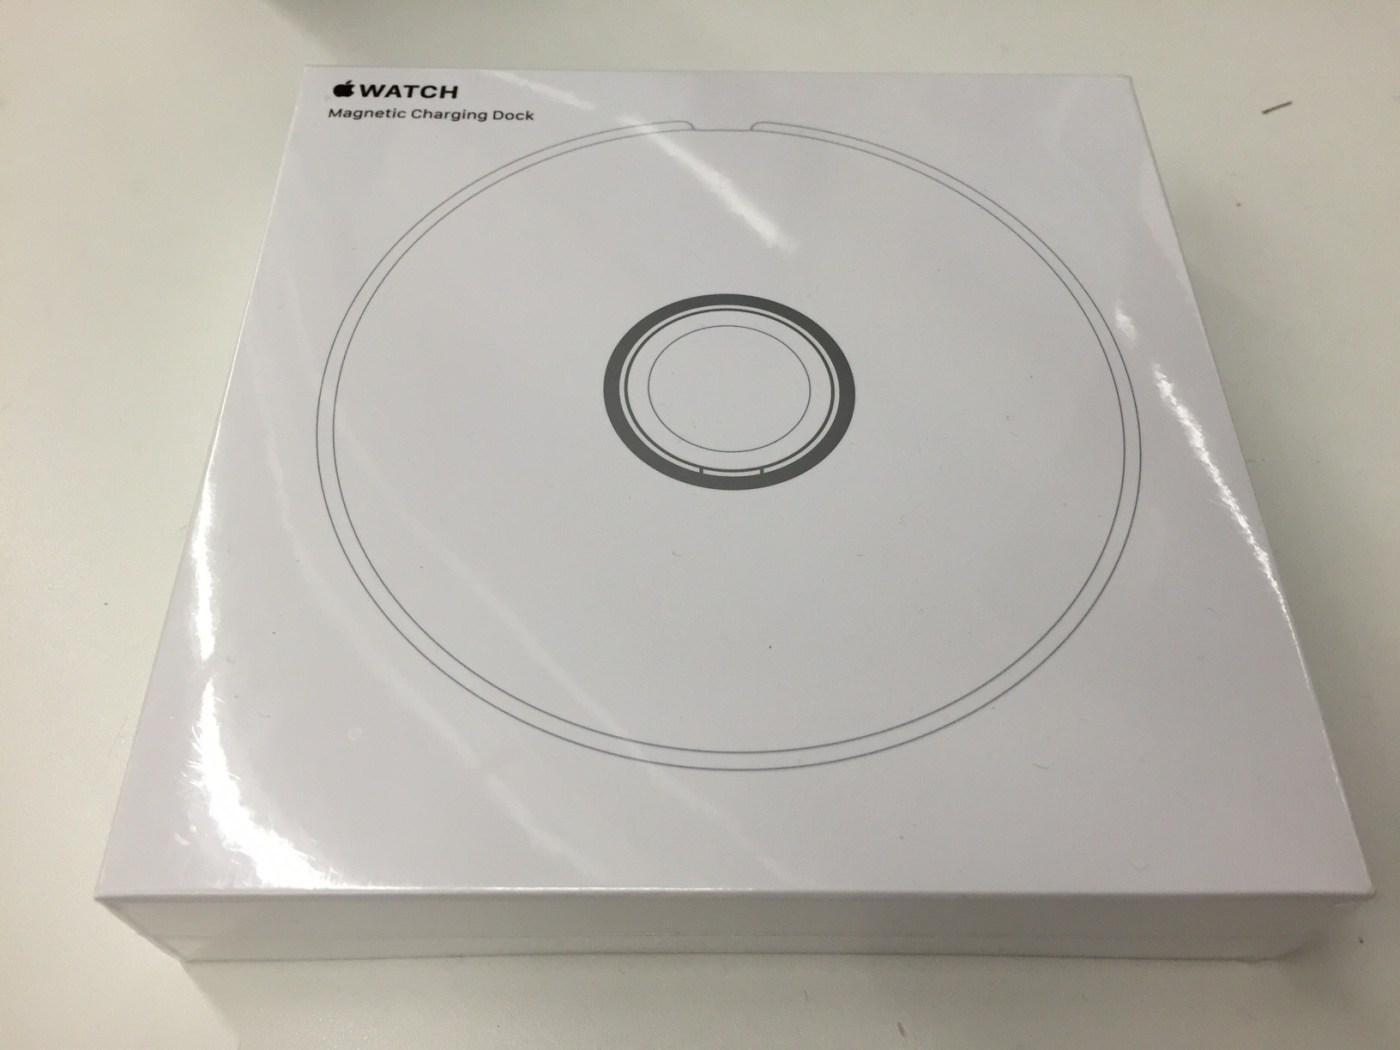 Apple Watch dock verpakking voorkant